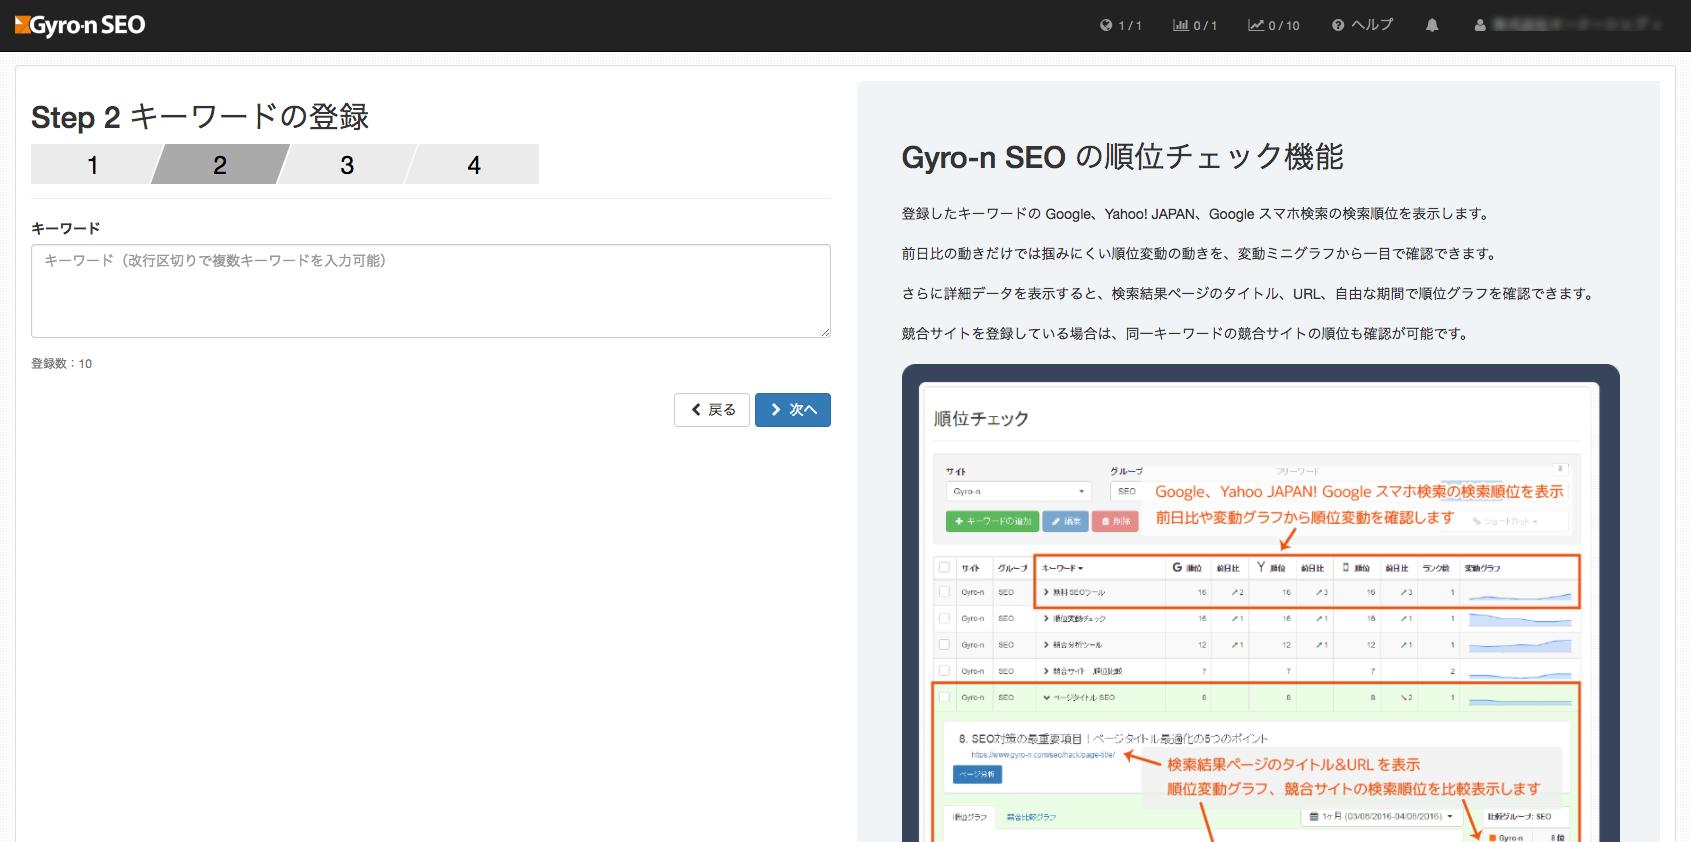 Gyro-n_SEO_2順位チェック_4.png